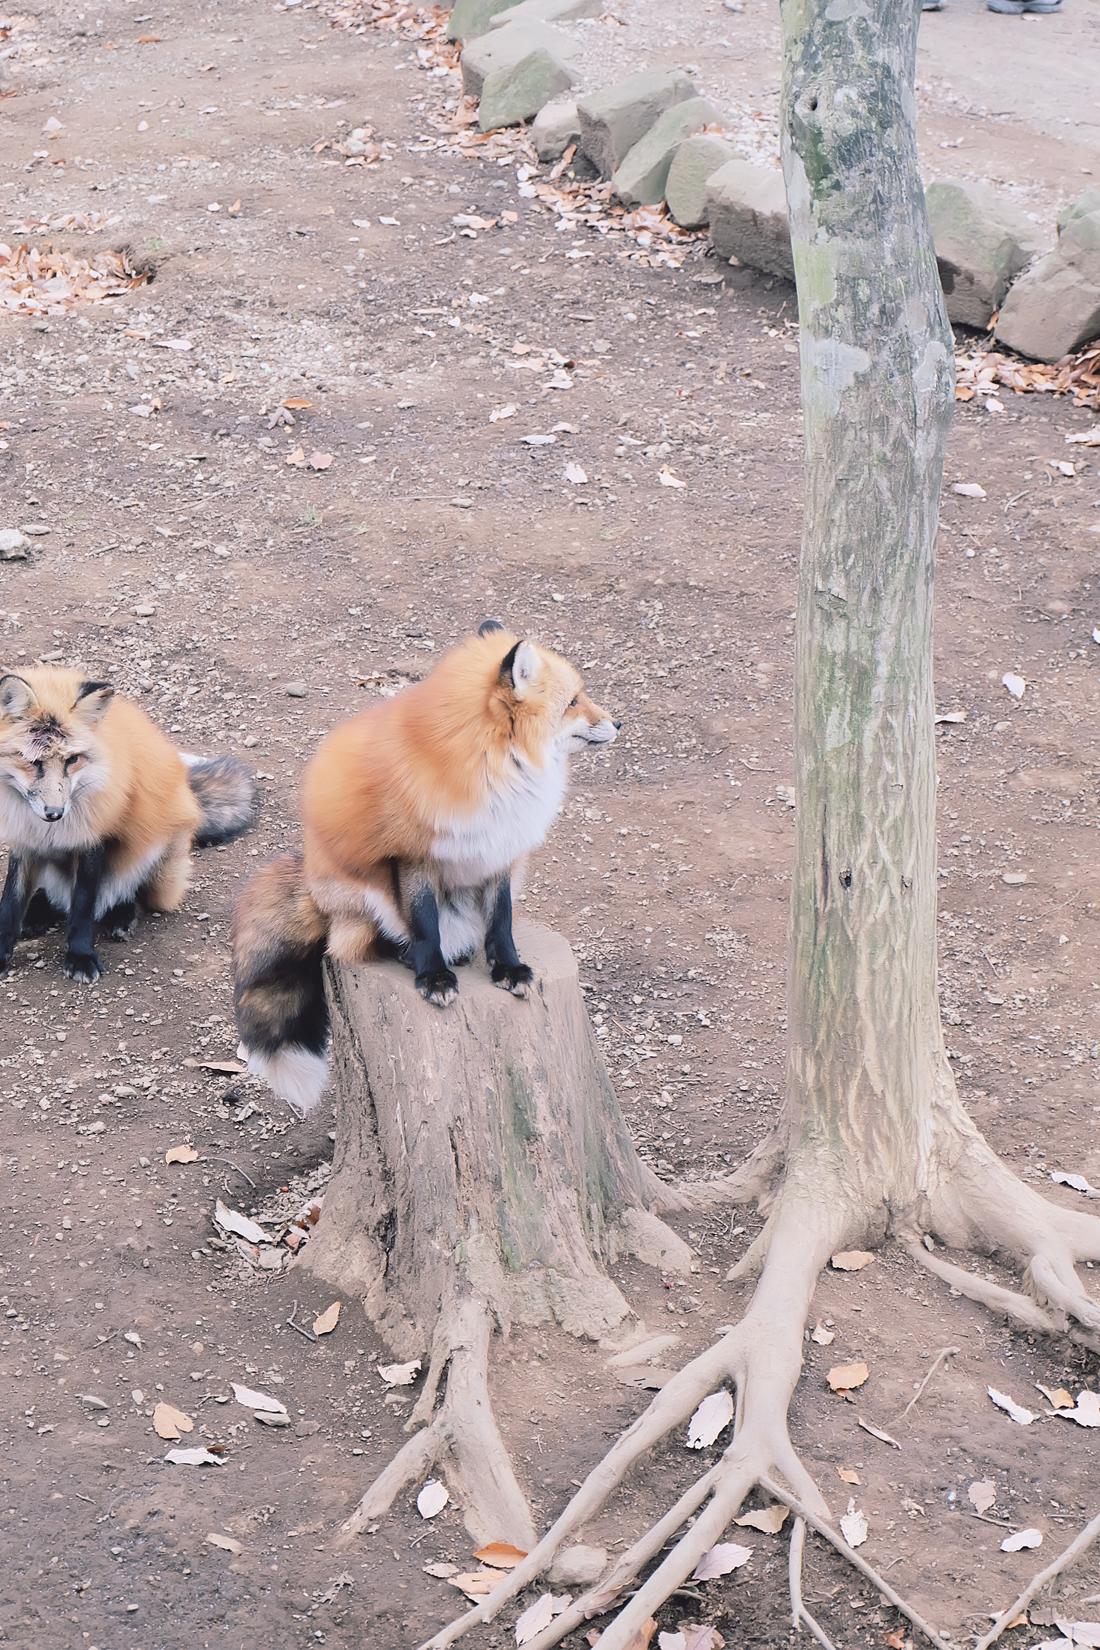 miyagi-zao-fox-village-rainbowholic-77